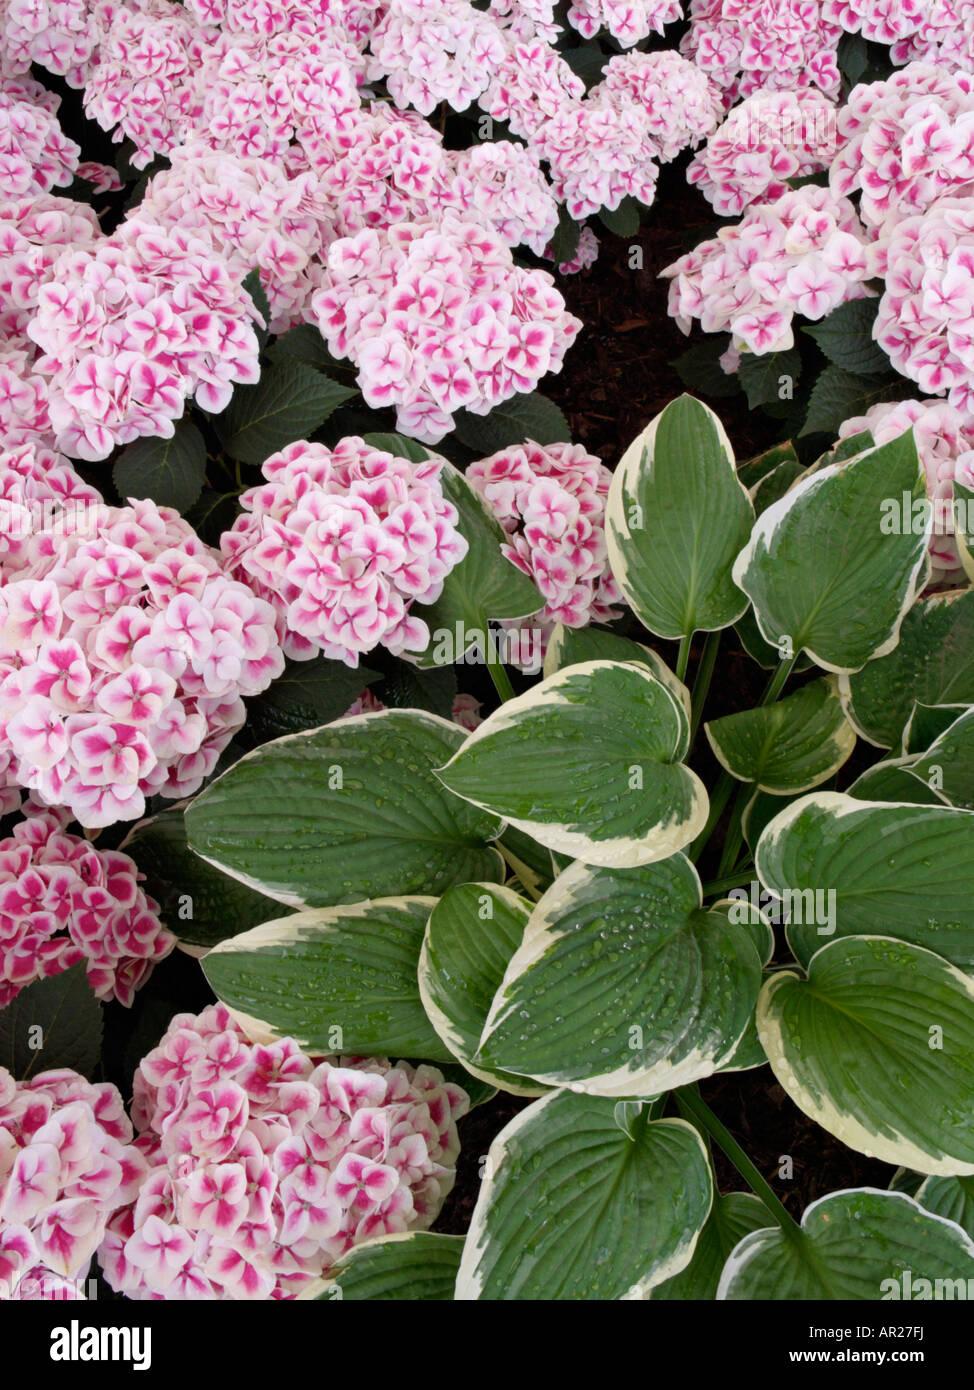 Wegerich Lily (Hosta) und Grossblättrige Hortensie (Hydrangea Macrophylla 'Ace') Stockfoto